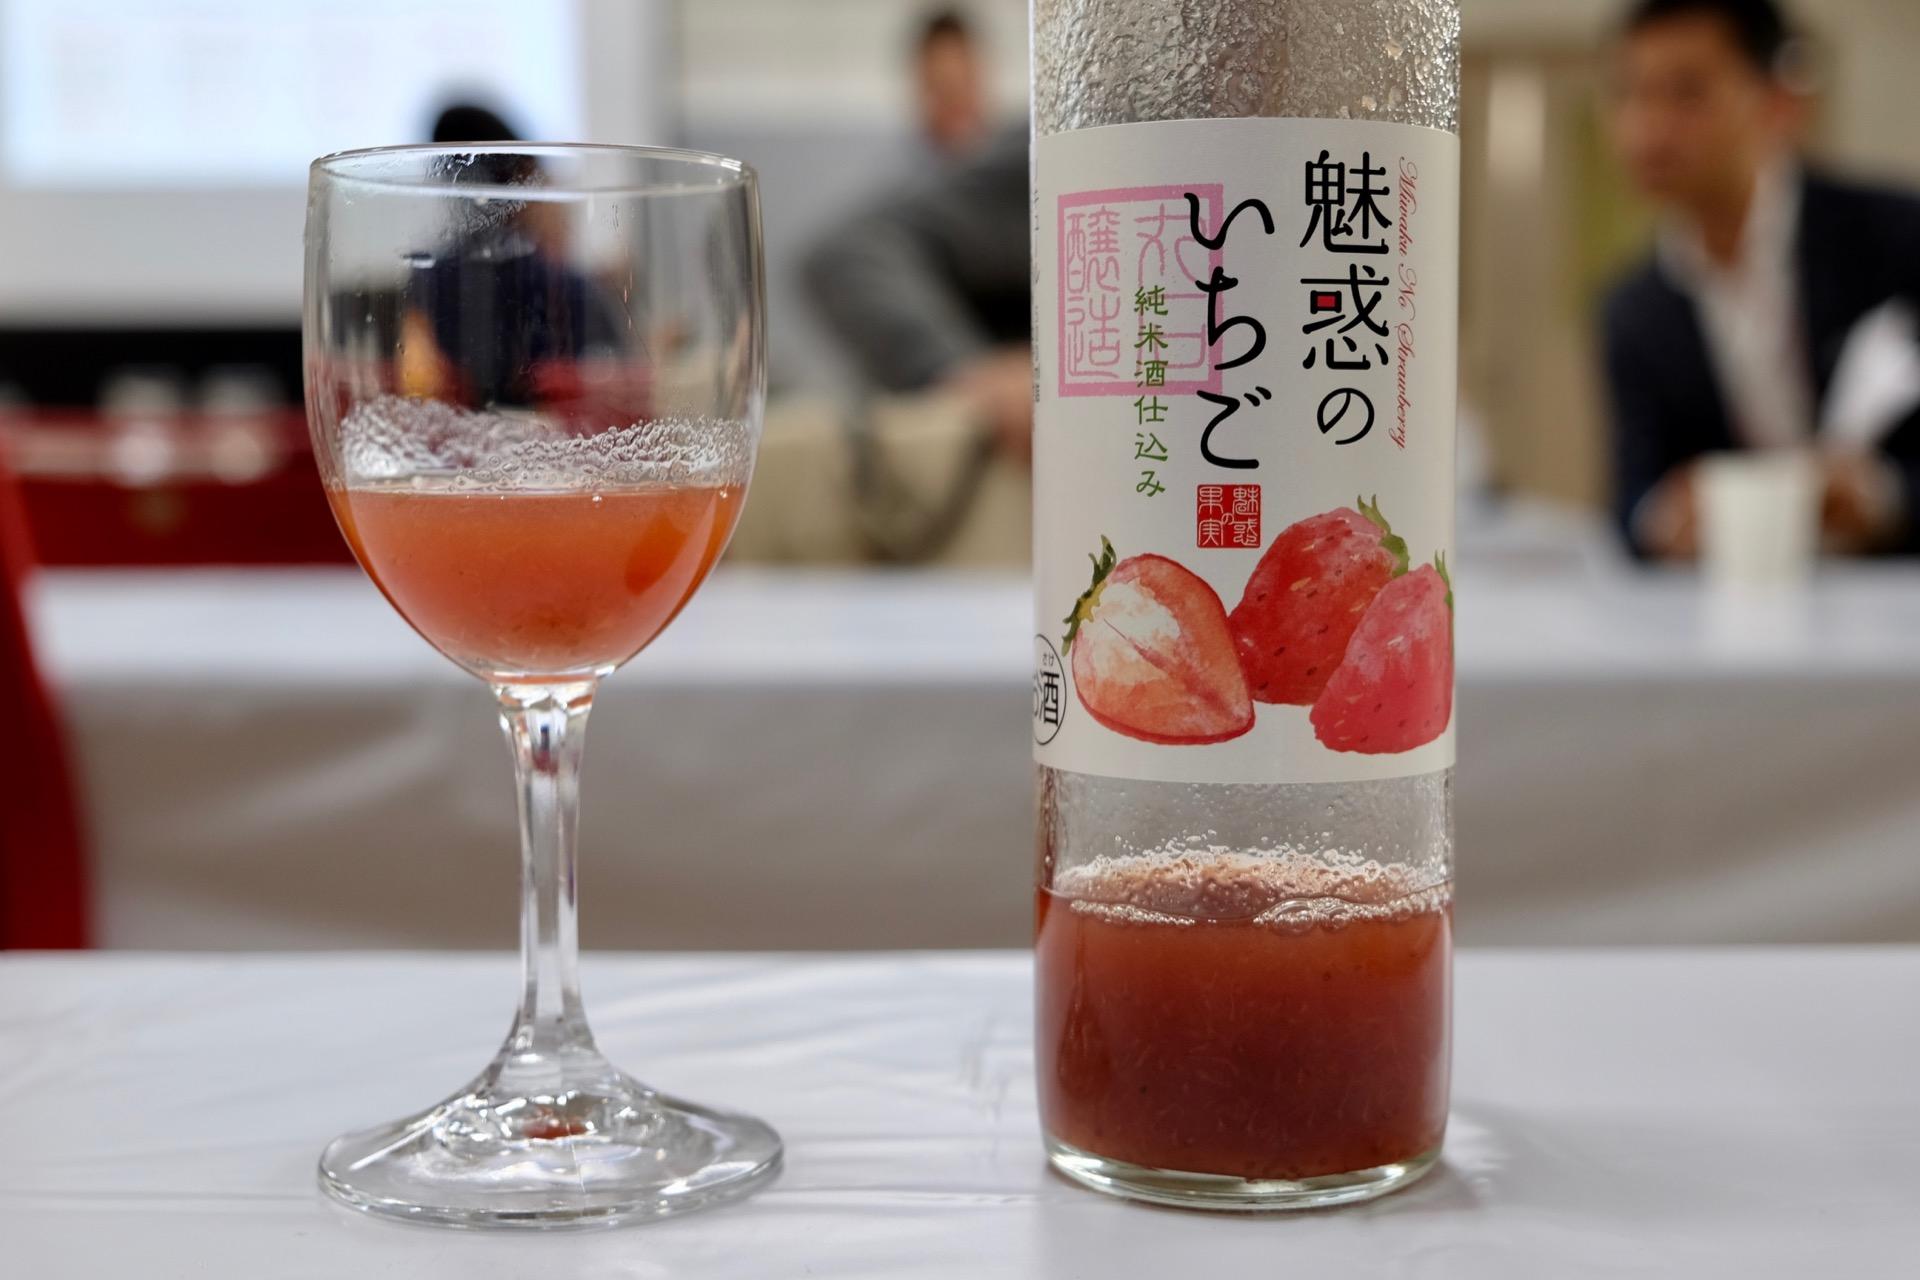 魅惑のいちご 丸石醸造の和リキュール|FRUIT SAKE Party